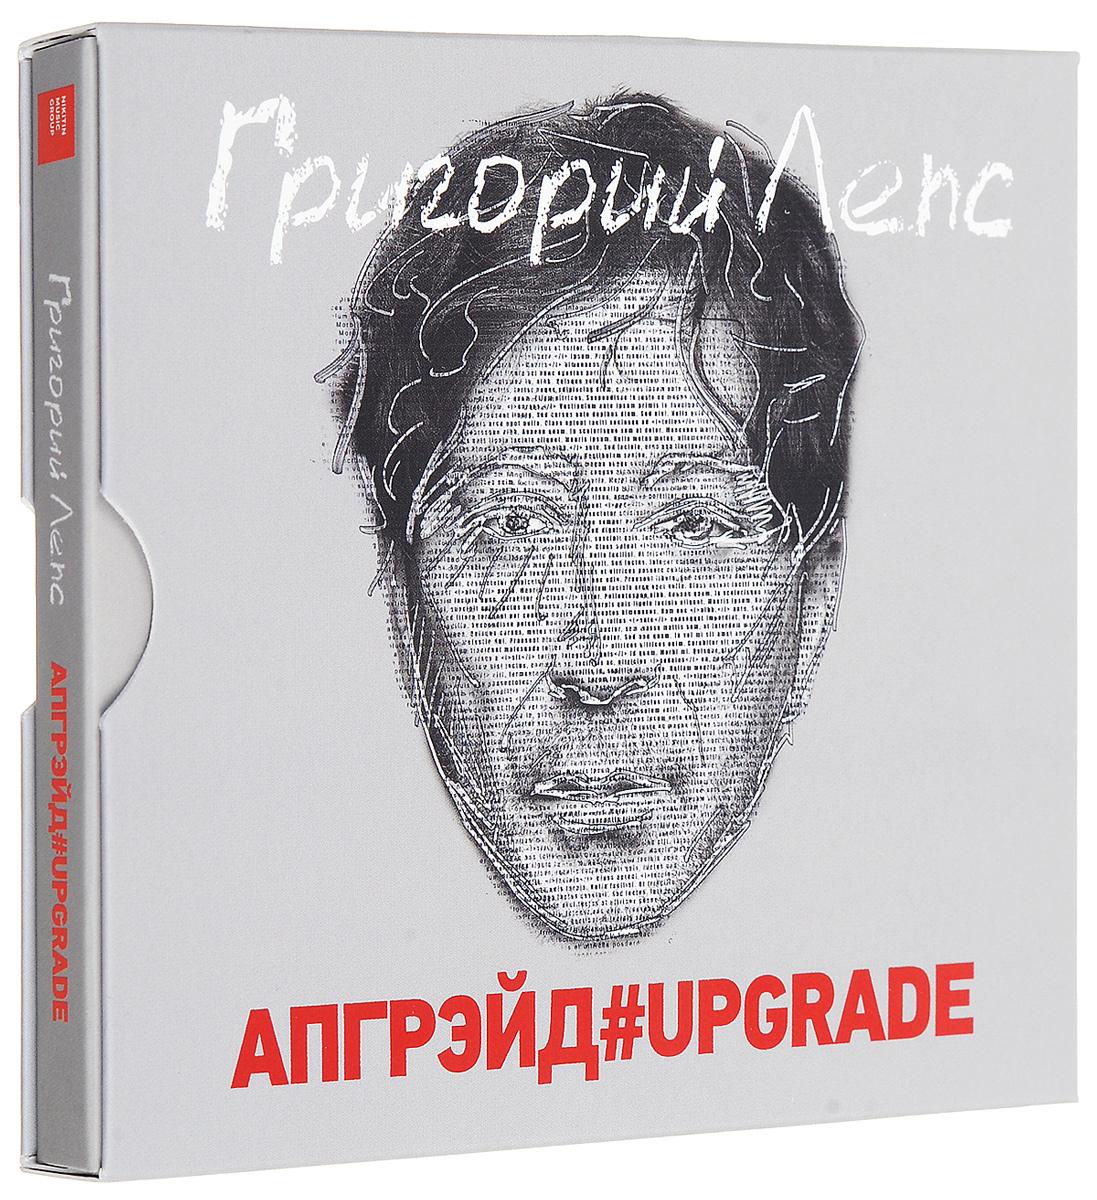 Григорий Лепс Григорий Лепс. Апгрэйд#Upgrade (2 CD) григорий лепс – ты чего такой серьёзный cd